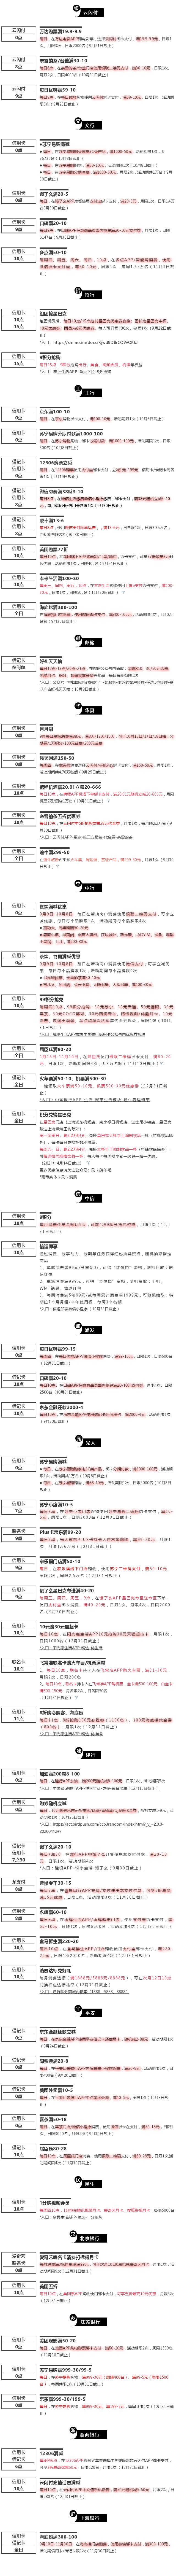 周四(9.17)刷什么(图片版)-惠小助(52huixz.com)